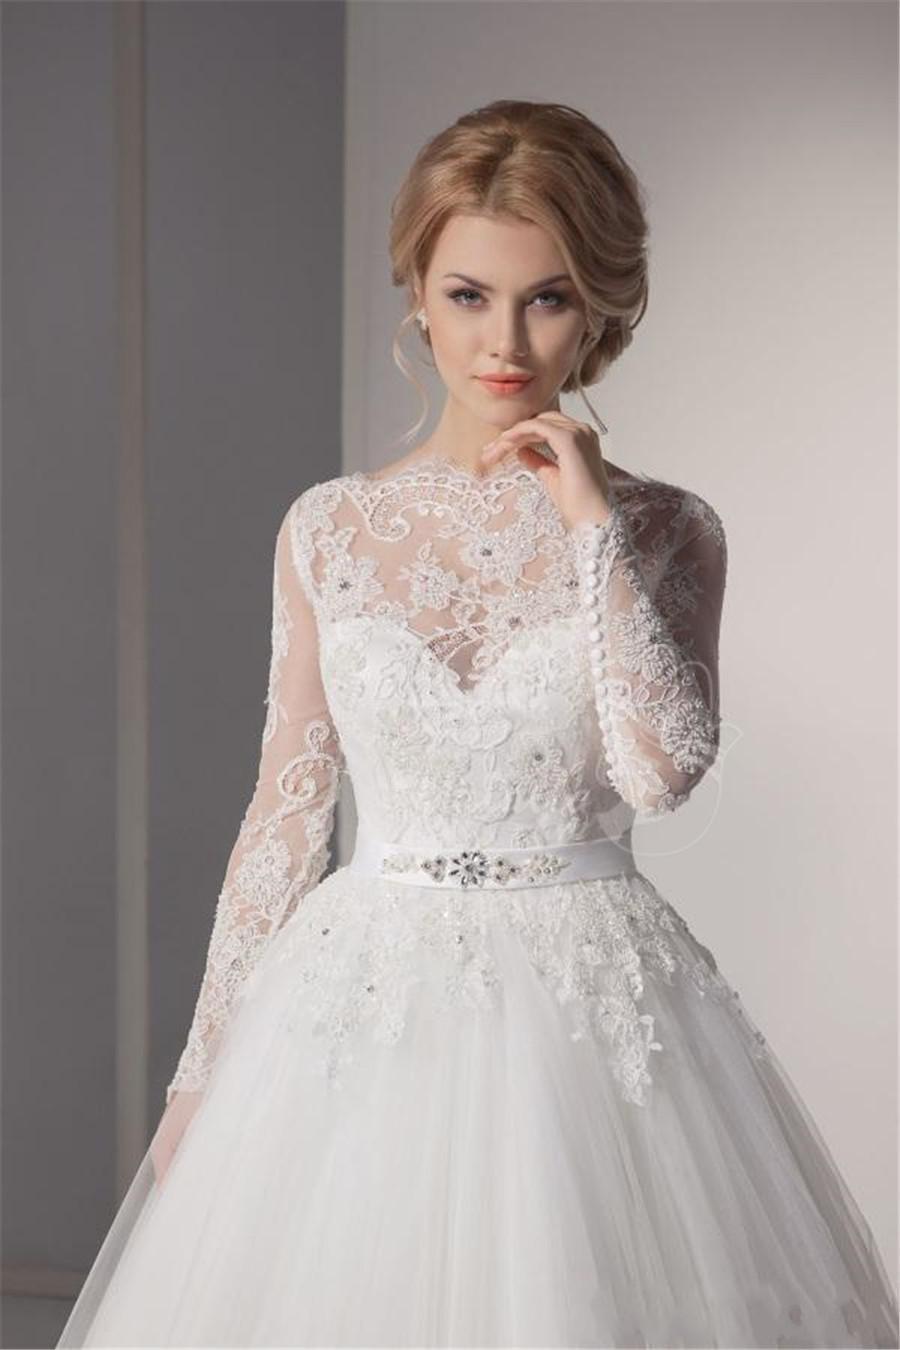 cd1078065 لو بتحبى الدانتيل.. بالصور.. 10 فساتين زفاف هيخلوكى ملكة يوم فرحك ...